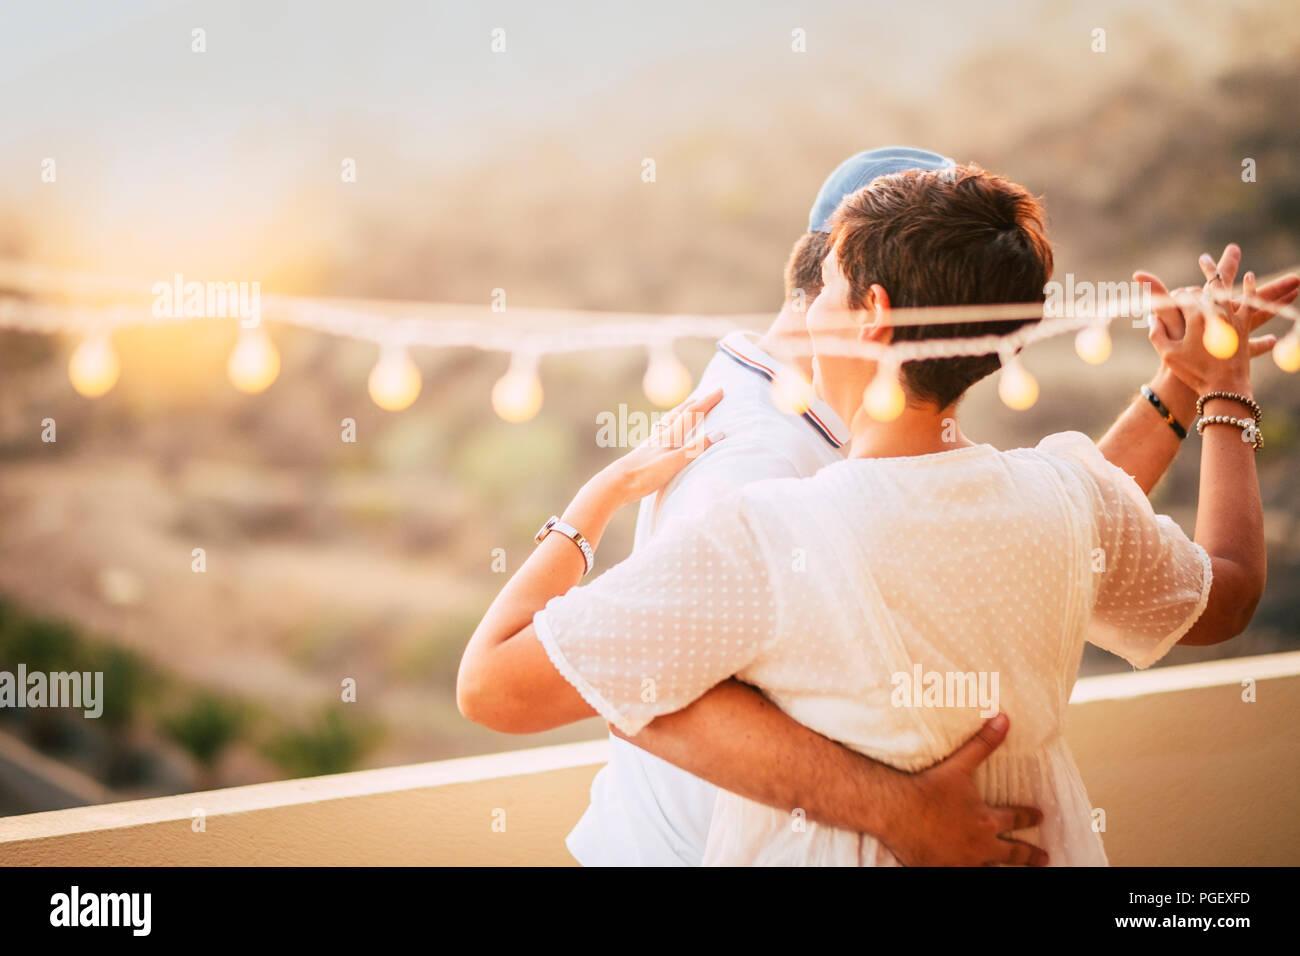 Bella coppia danzante sulla terrazza sul tetto con vista naturale. amore e concetto di datazione per persone aventi una romantica di attività per il tempo libero insieme a l Immagini Stock